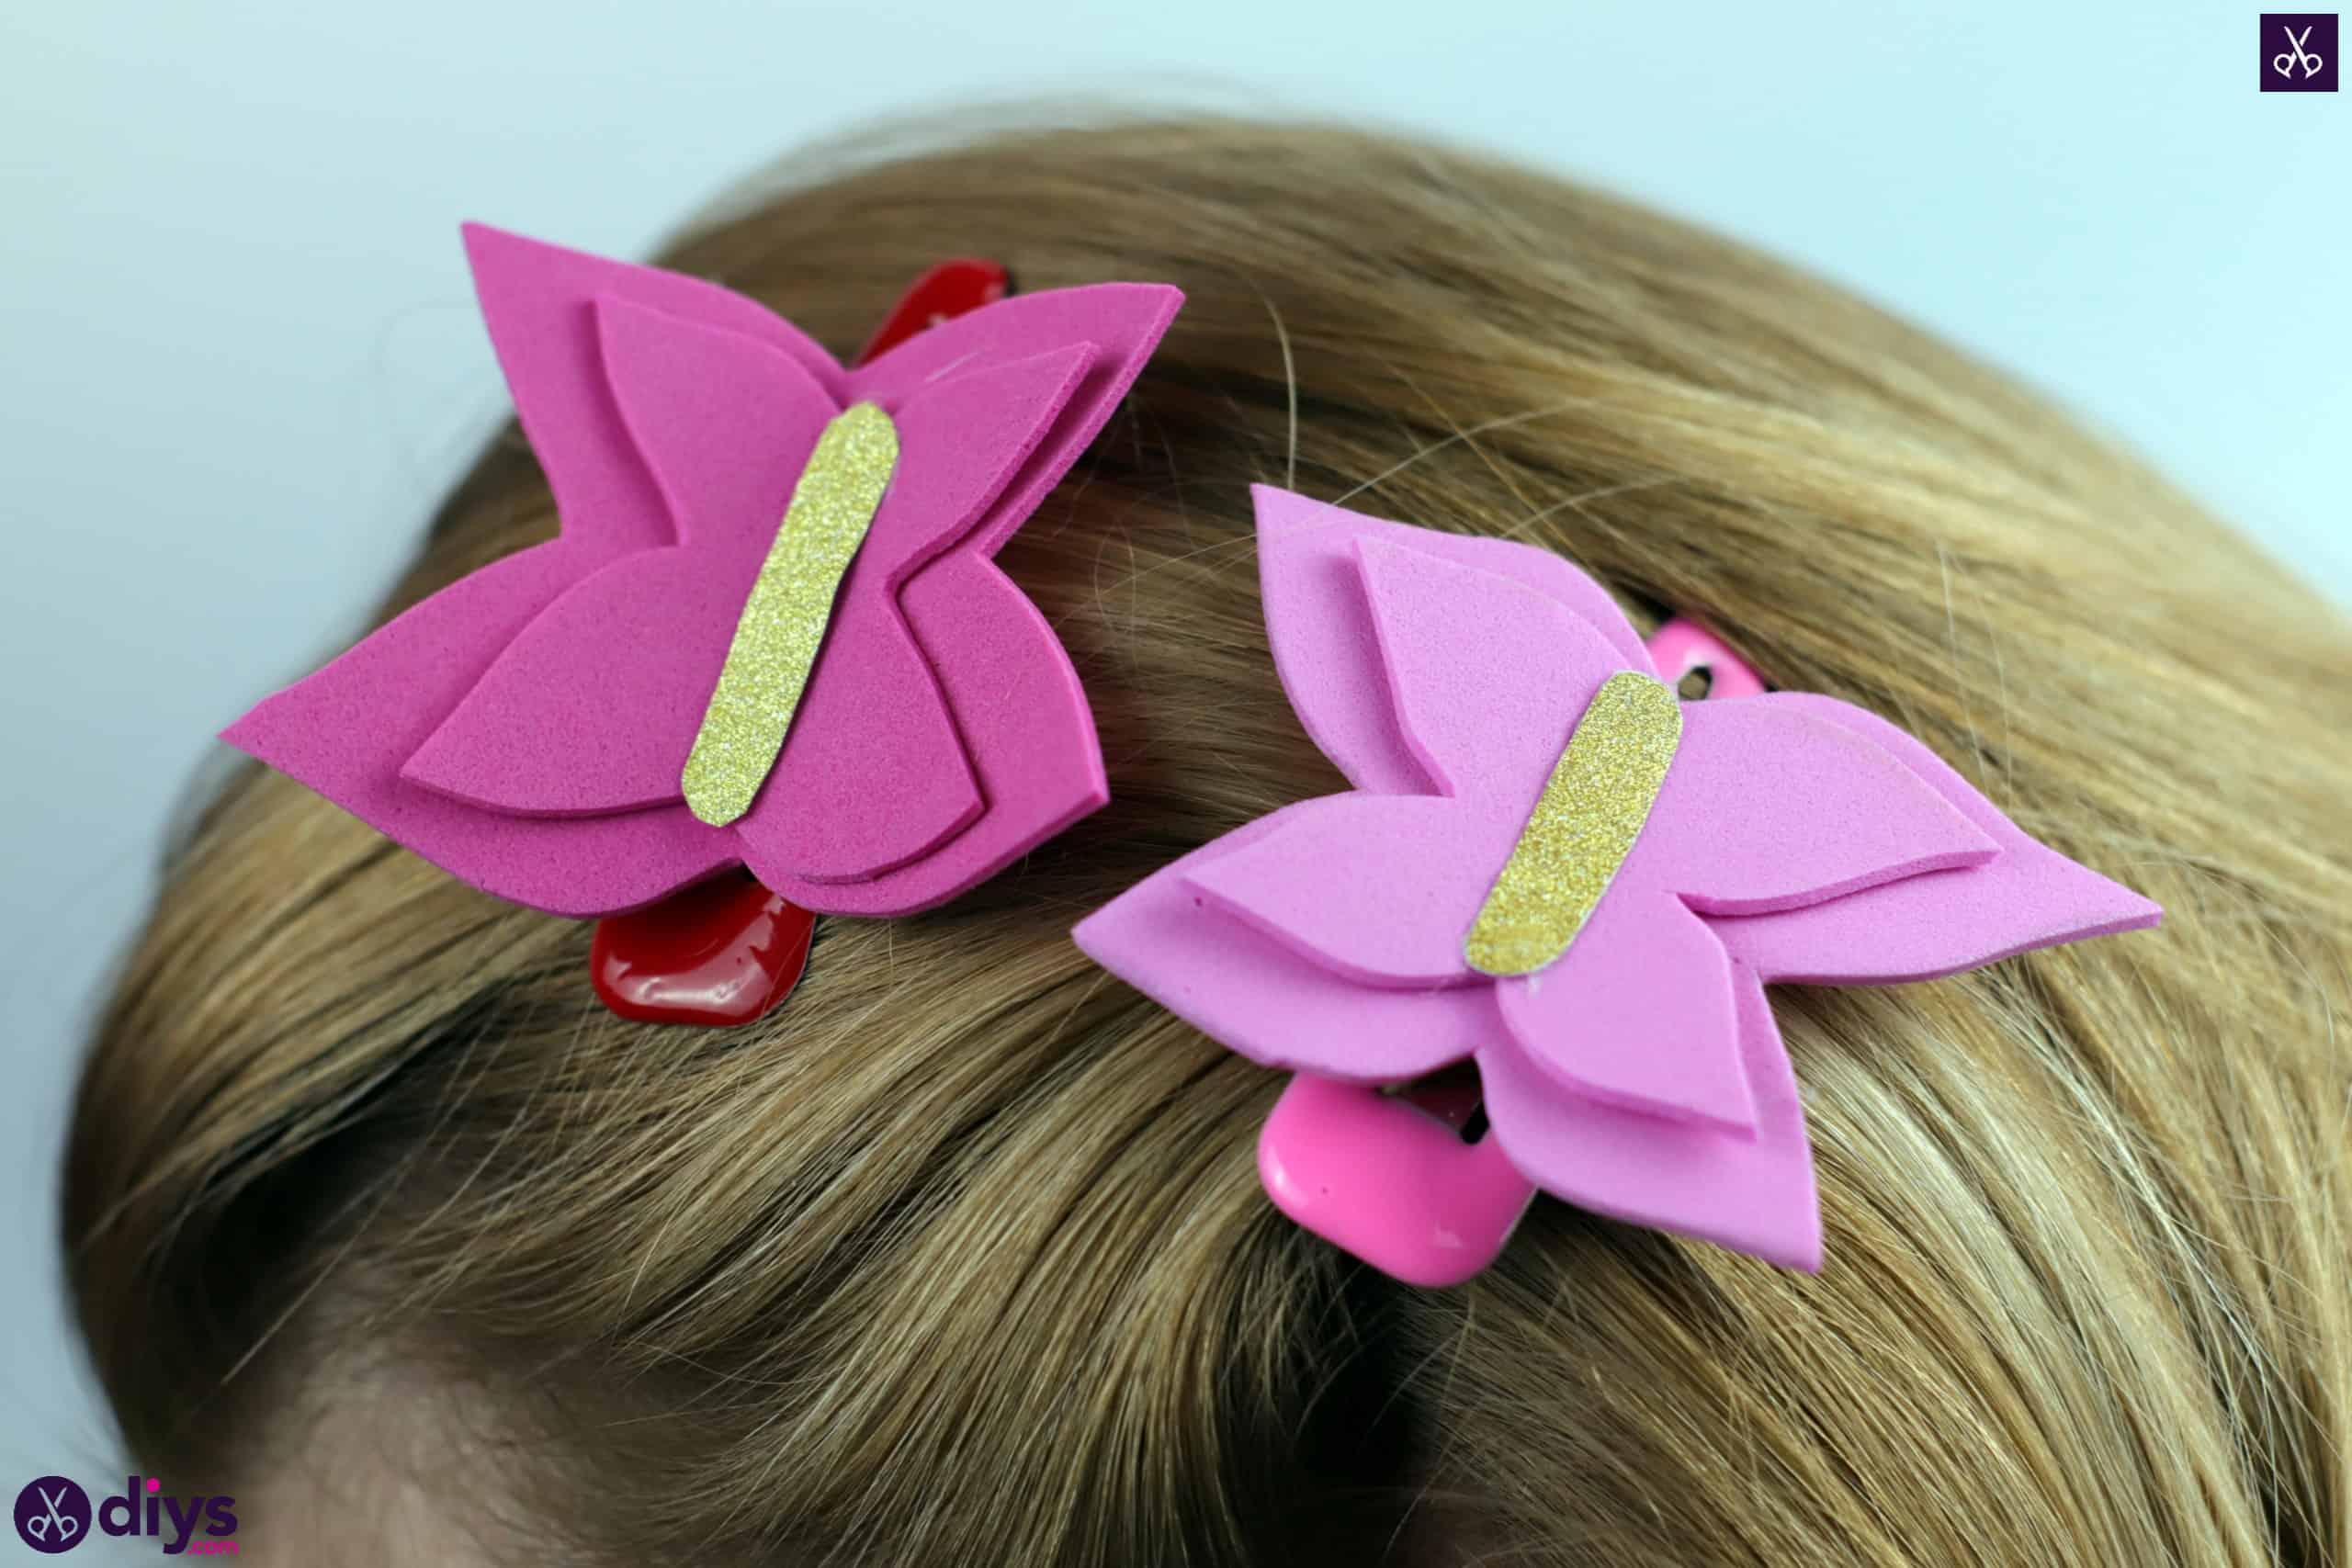 Diy butterfly barrette hair